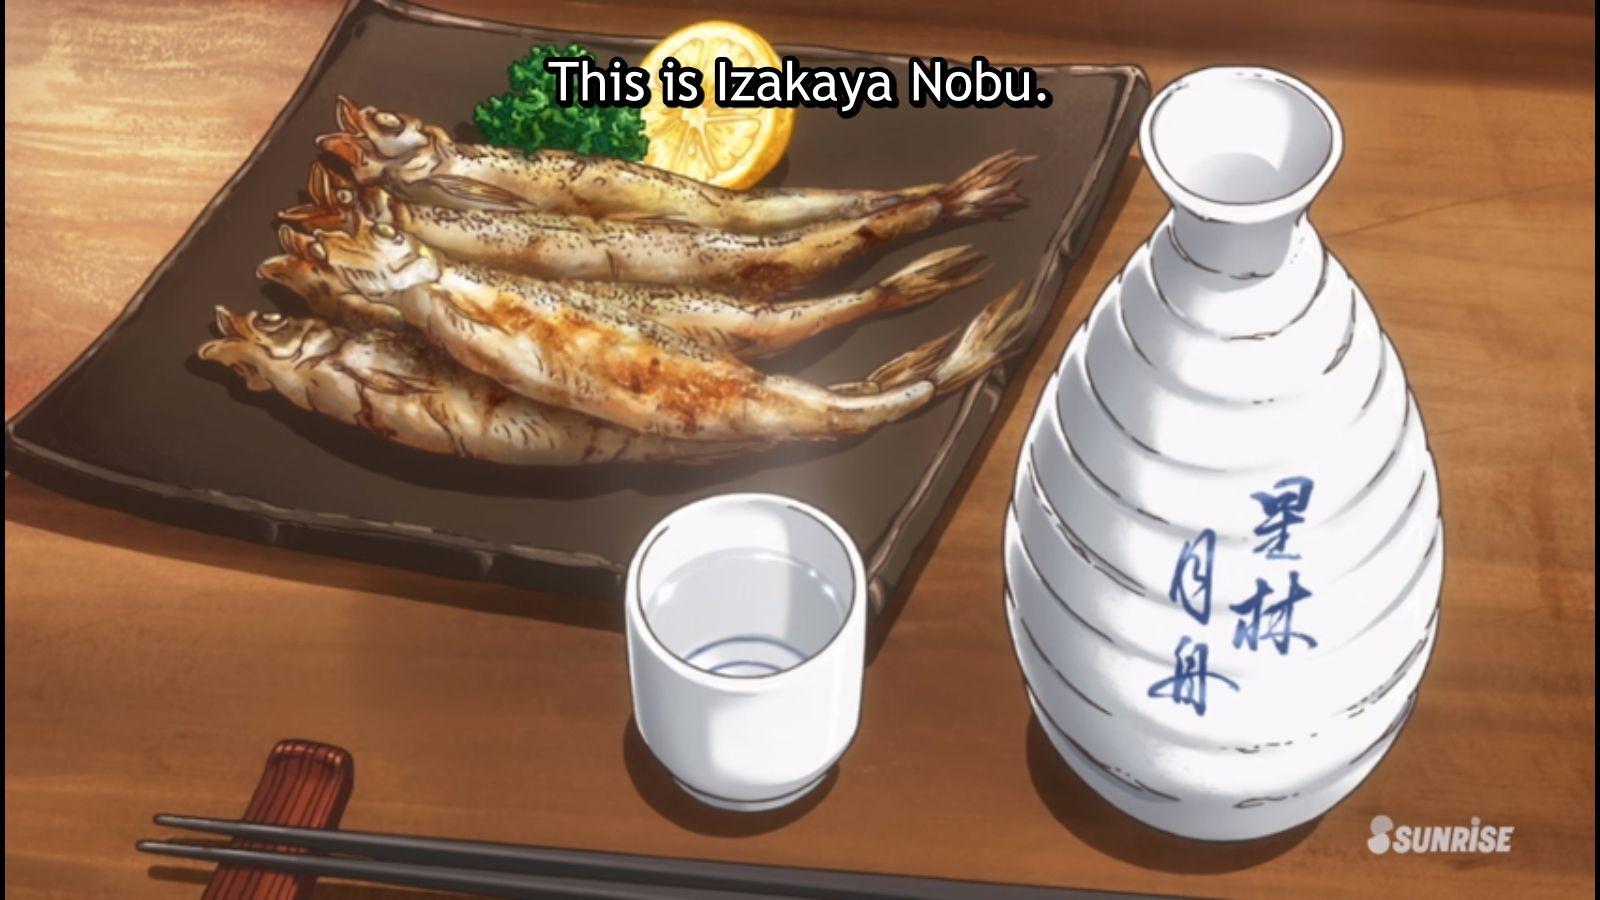 Isekai Izakaya Japanese Food in Feudal Germany in 2020